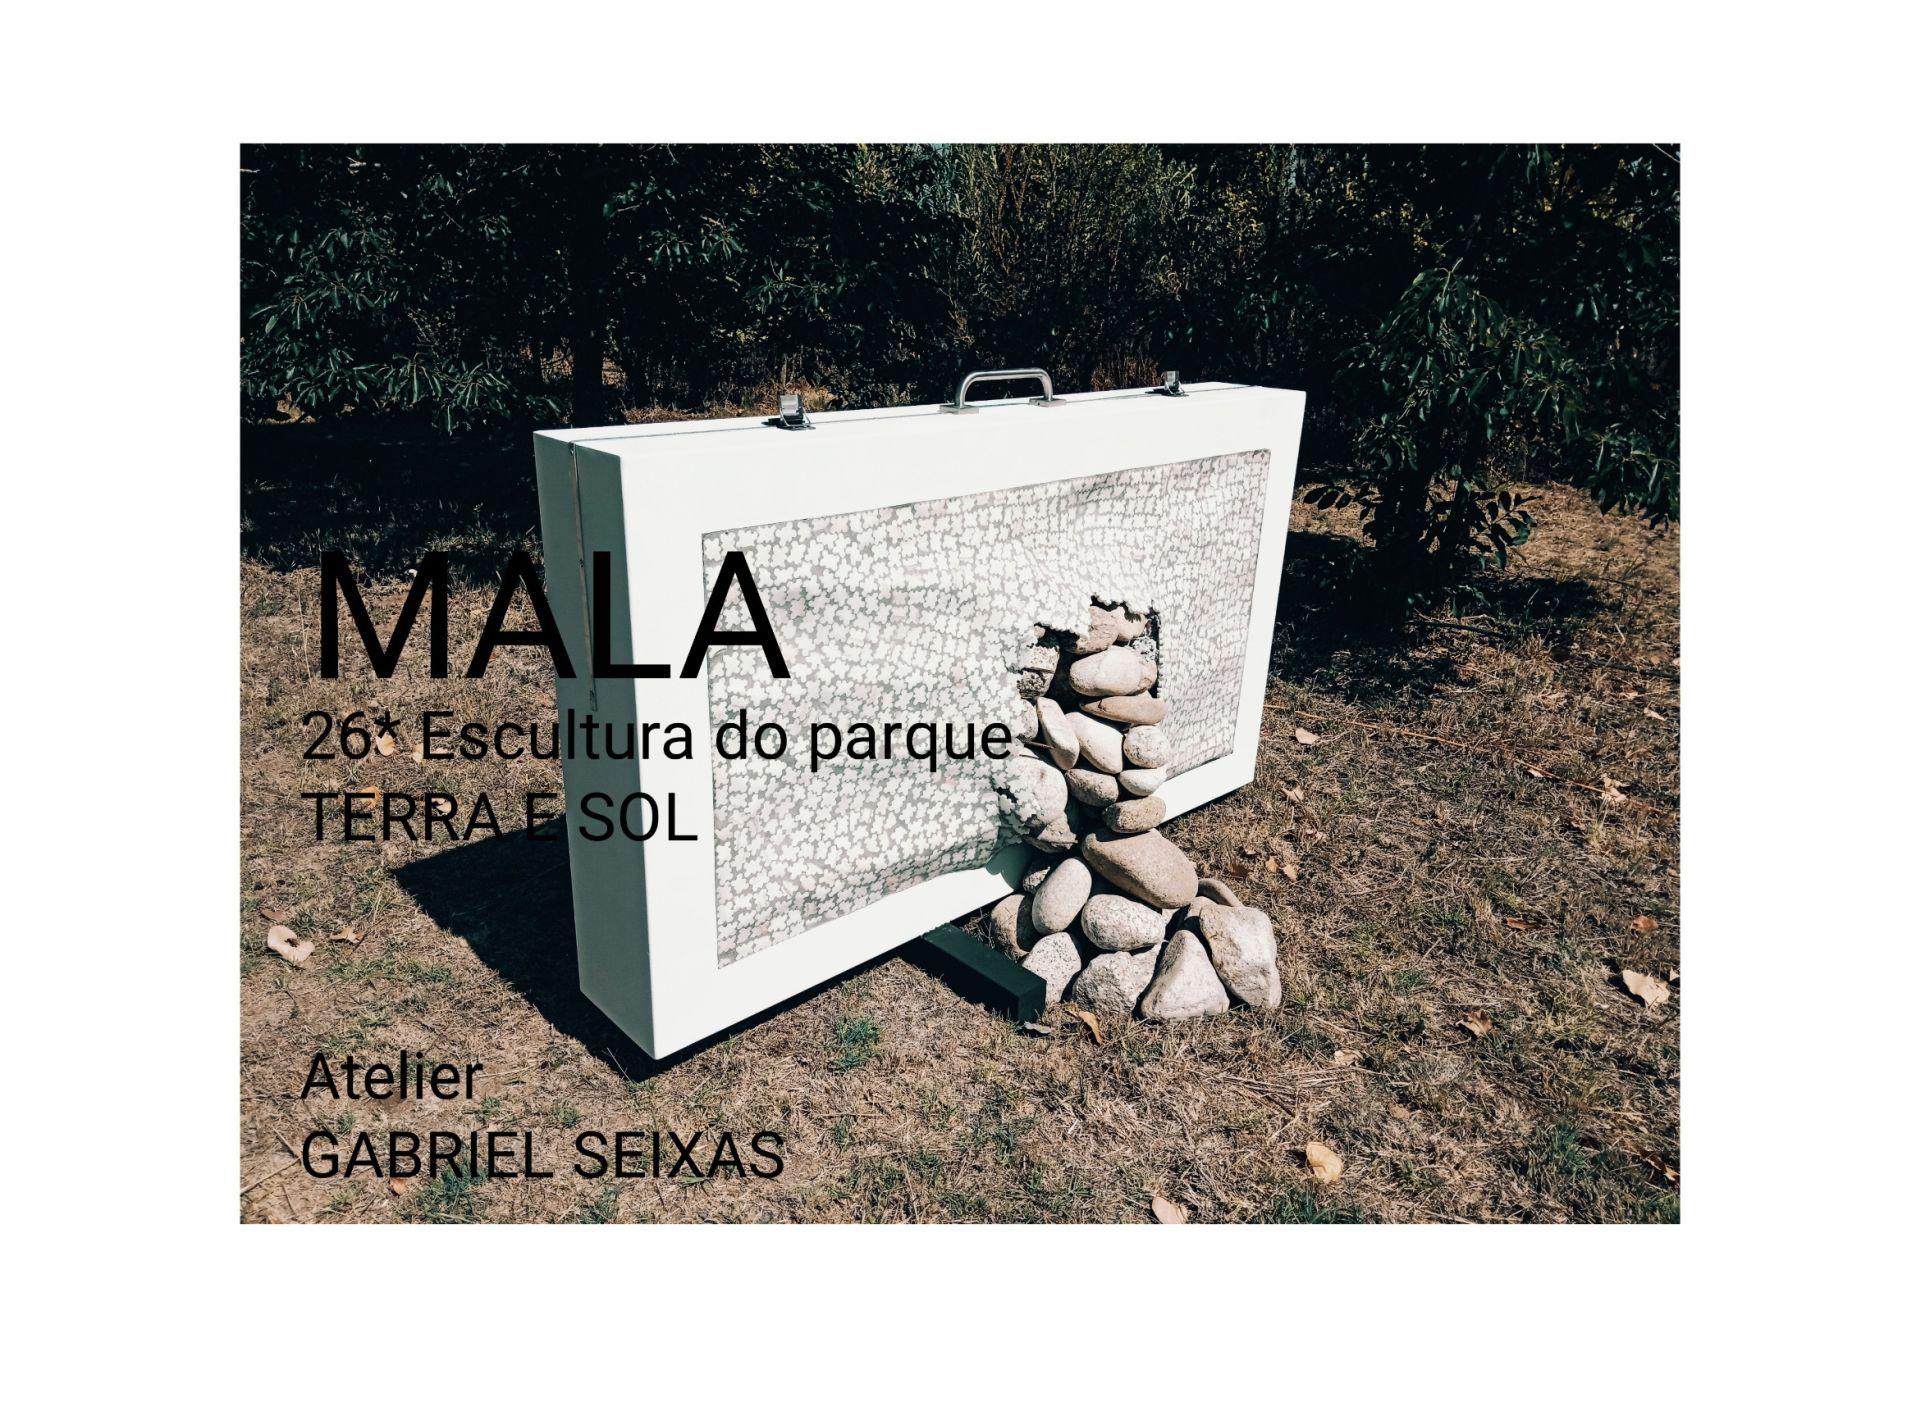 A Mala | Vigésima sexta escultura do Parque – TERRA E SOL / ATELIER GABRIEL SEIXAS